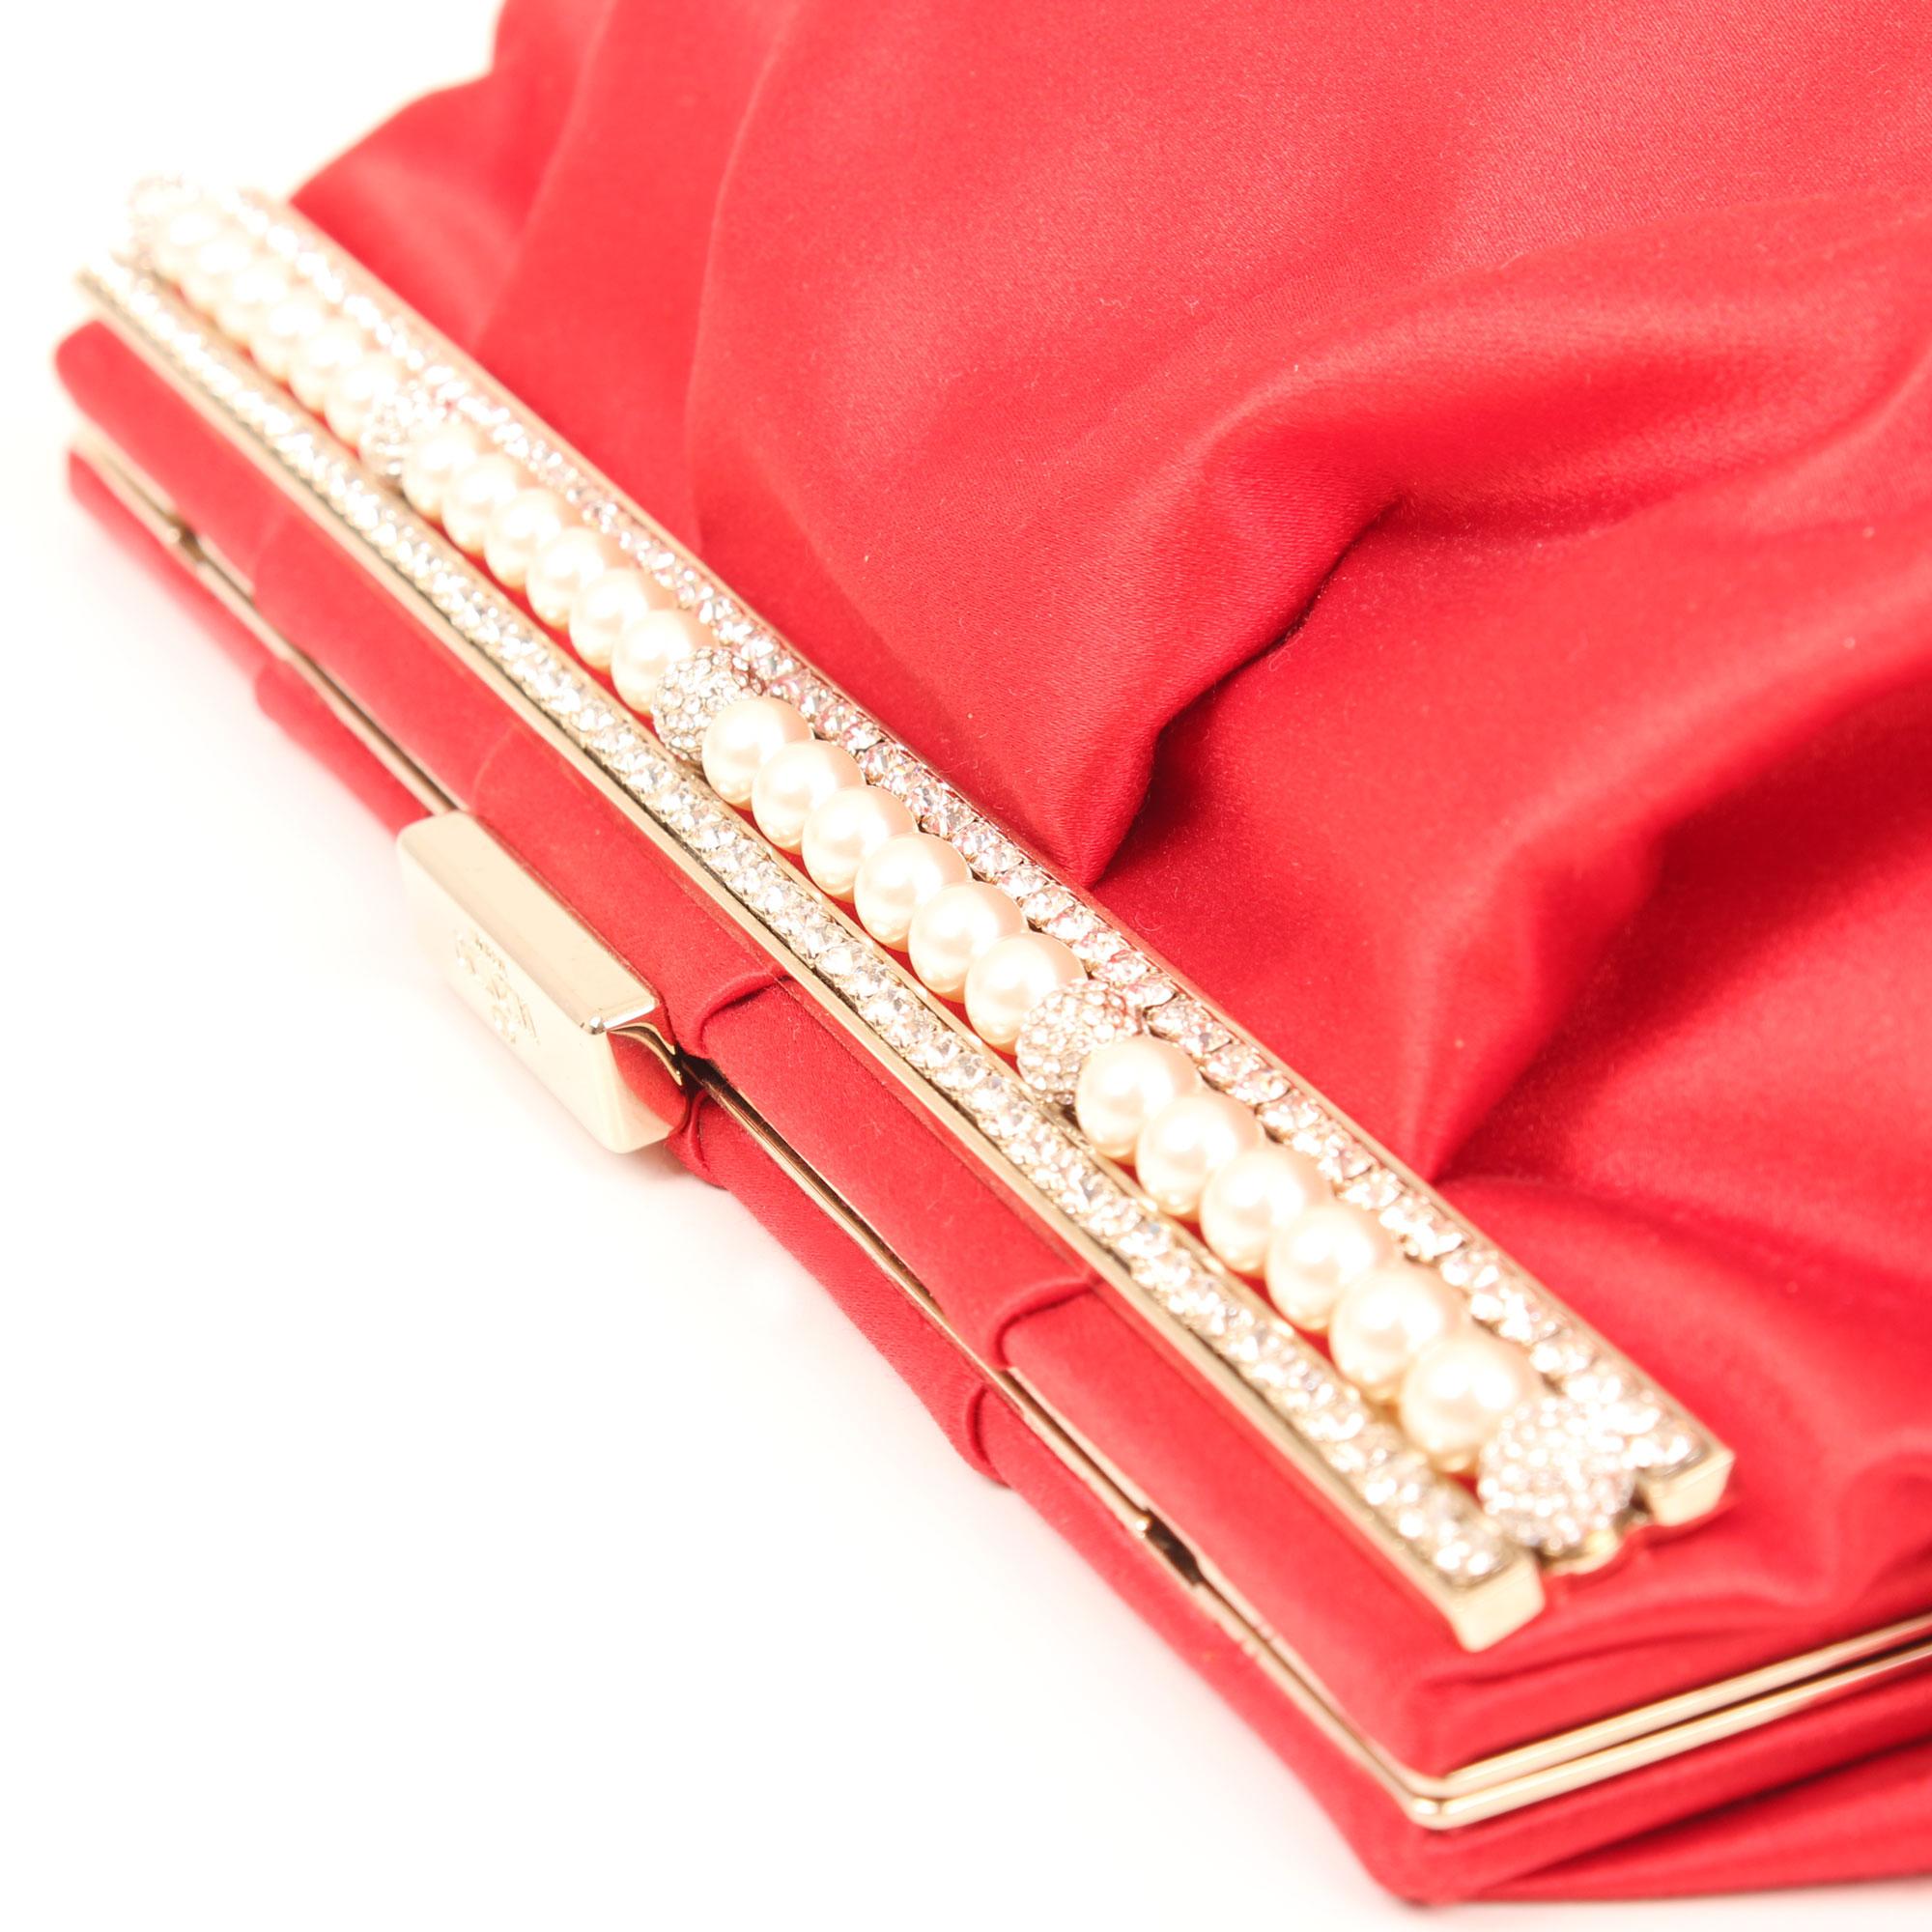 bolso-clutch-valentino-rojo-saten-perlas